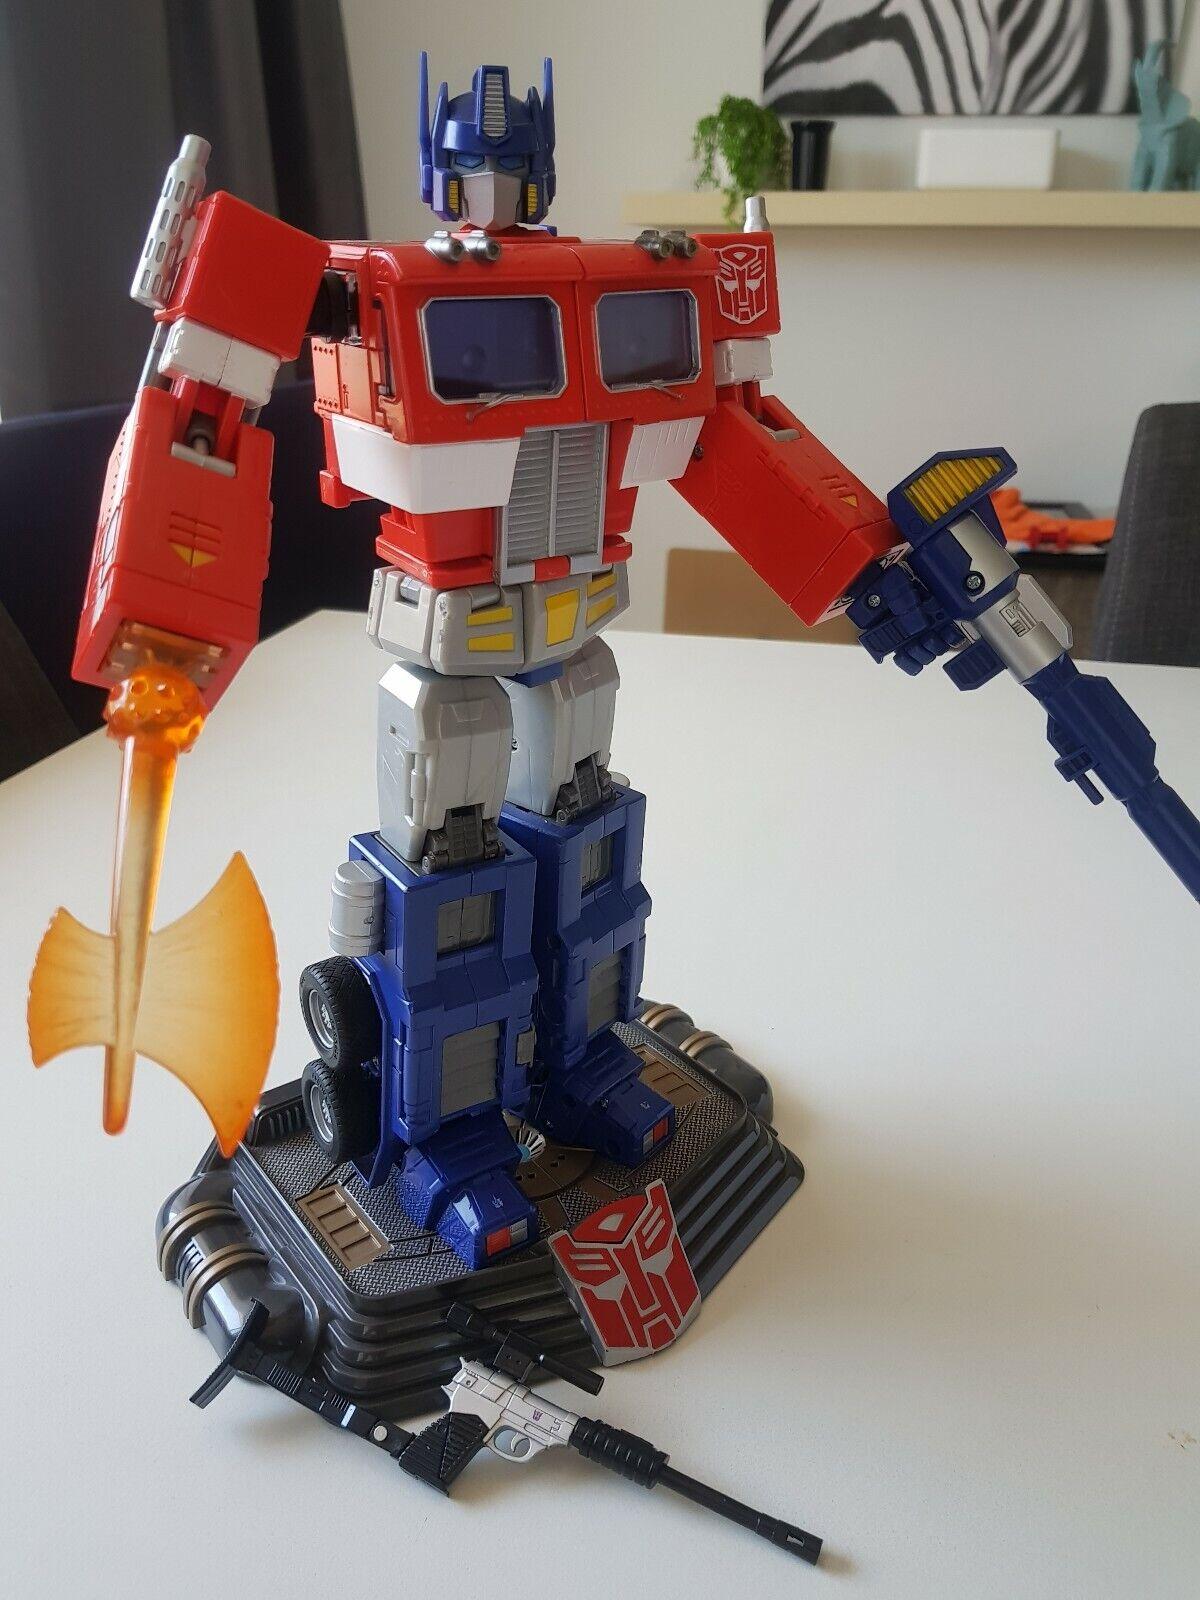 Hasbro Optimus Prime 20th Anniversary Edition